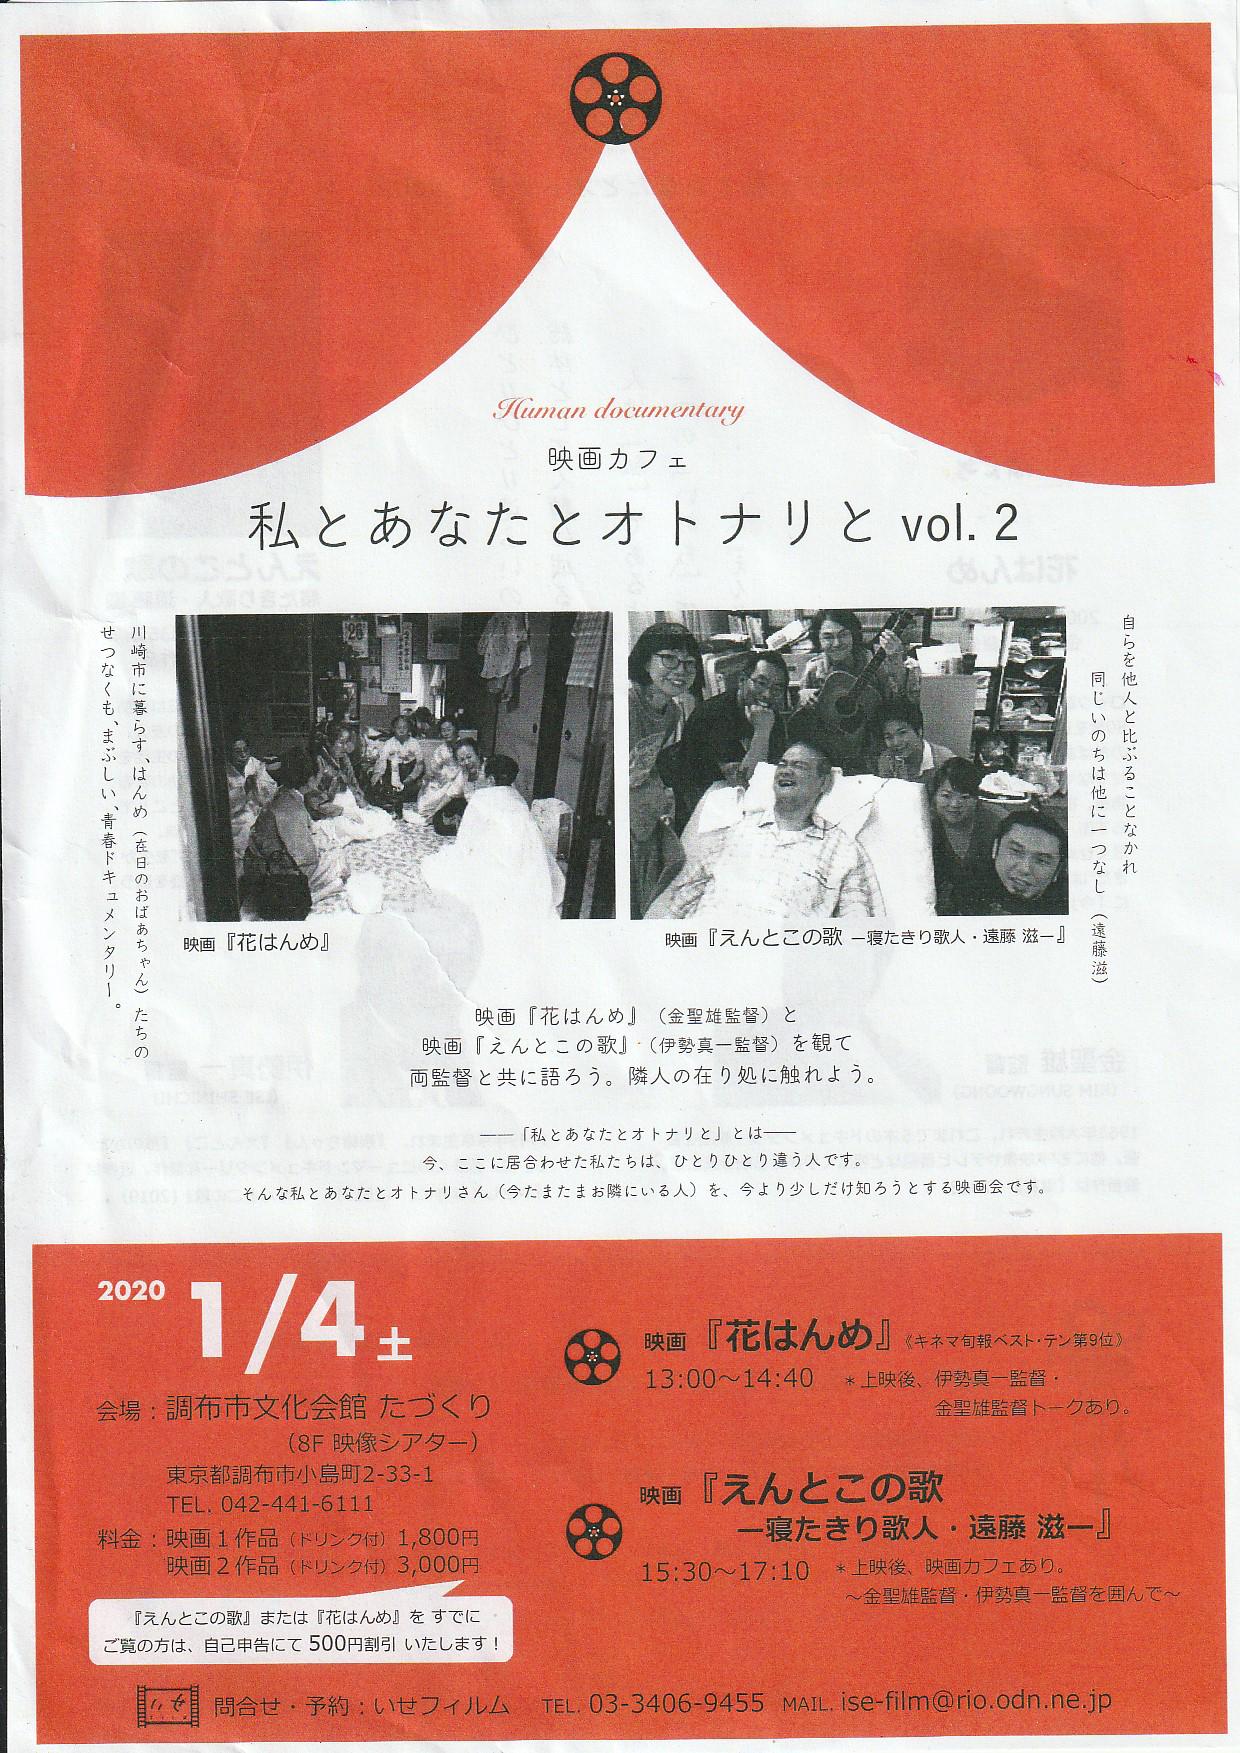 映画カフェ 私とあなたとオトナリとvol.2 @ 調布市文化会館たづくり | 調布市 | 東京都 | 日本